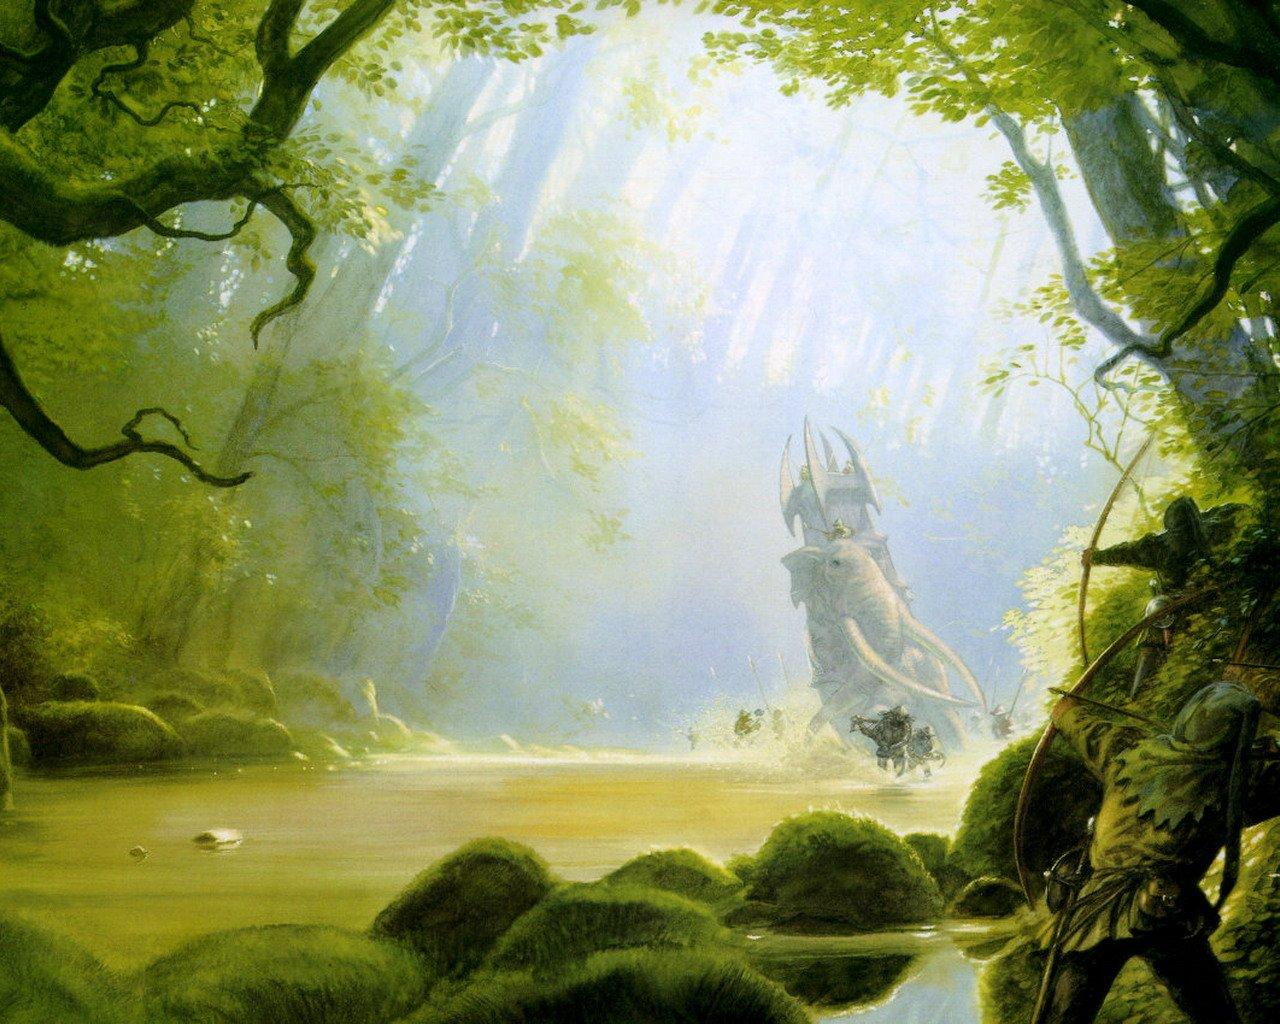 http://4.bp.blogspot.com/_O-sIn2Jn65M/TSo6yFnbs_I/AAAAAAAAAFI/iQFvCtMslQQ/s1600/Elephant.jpg